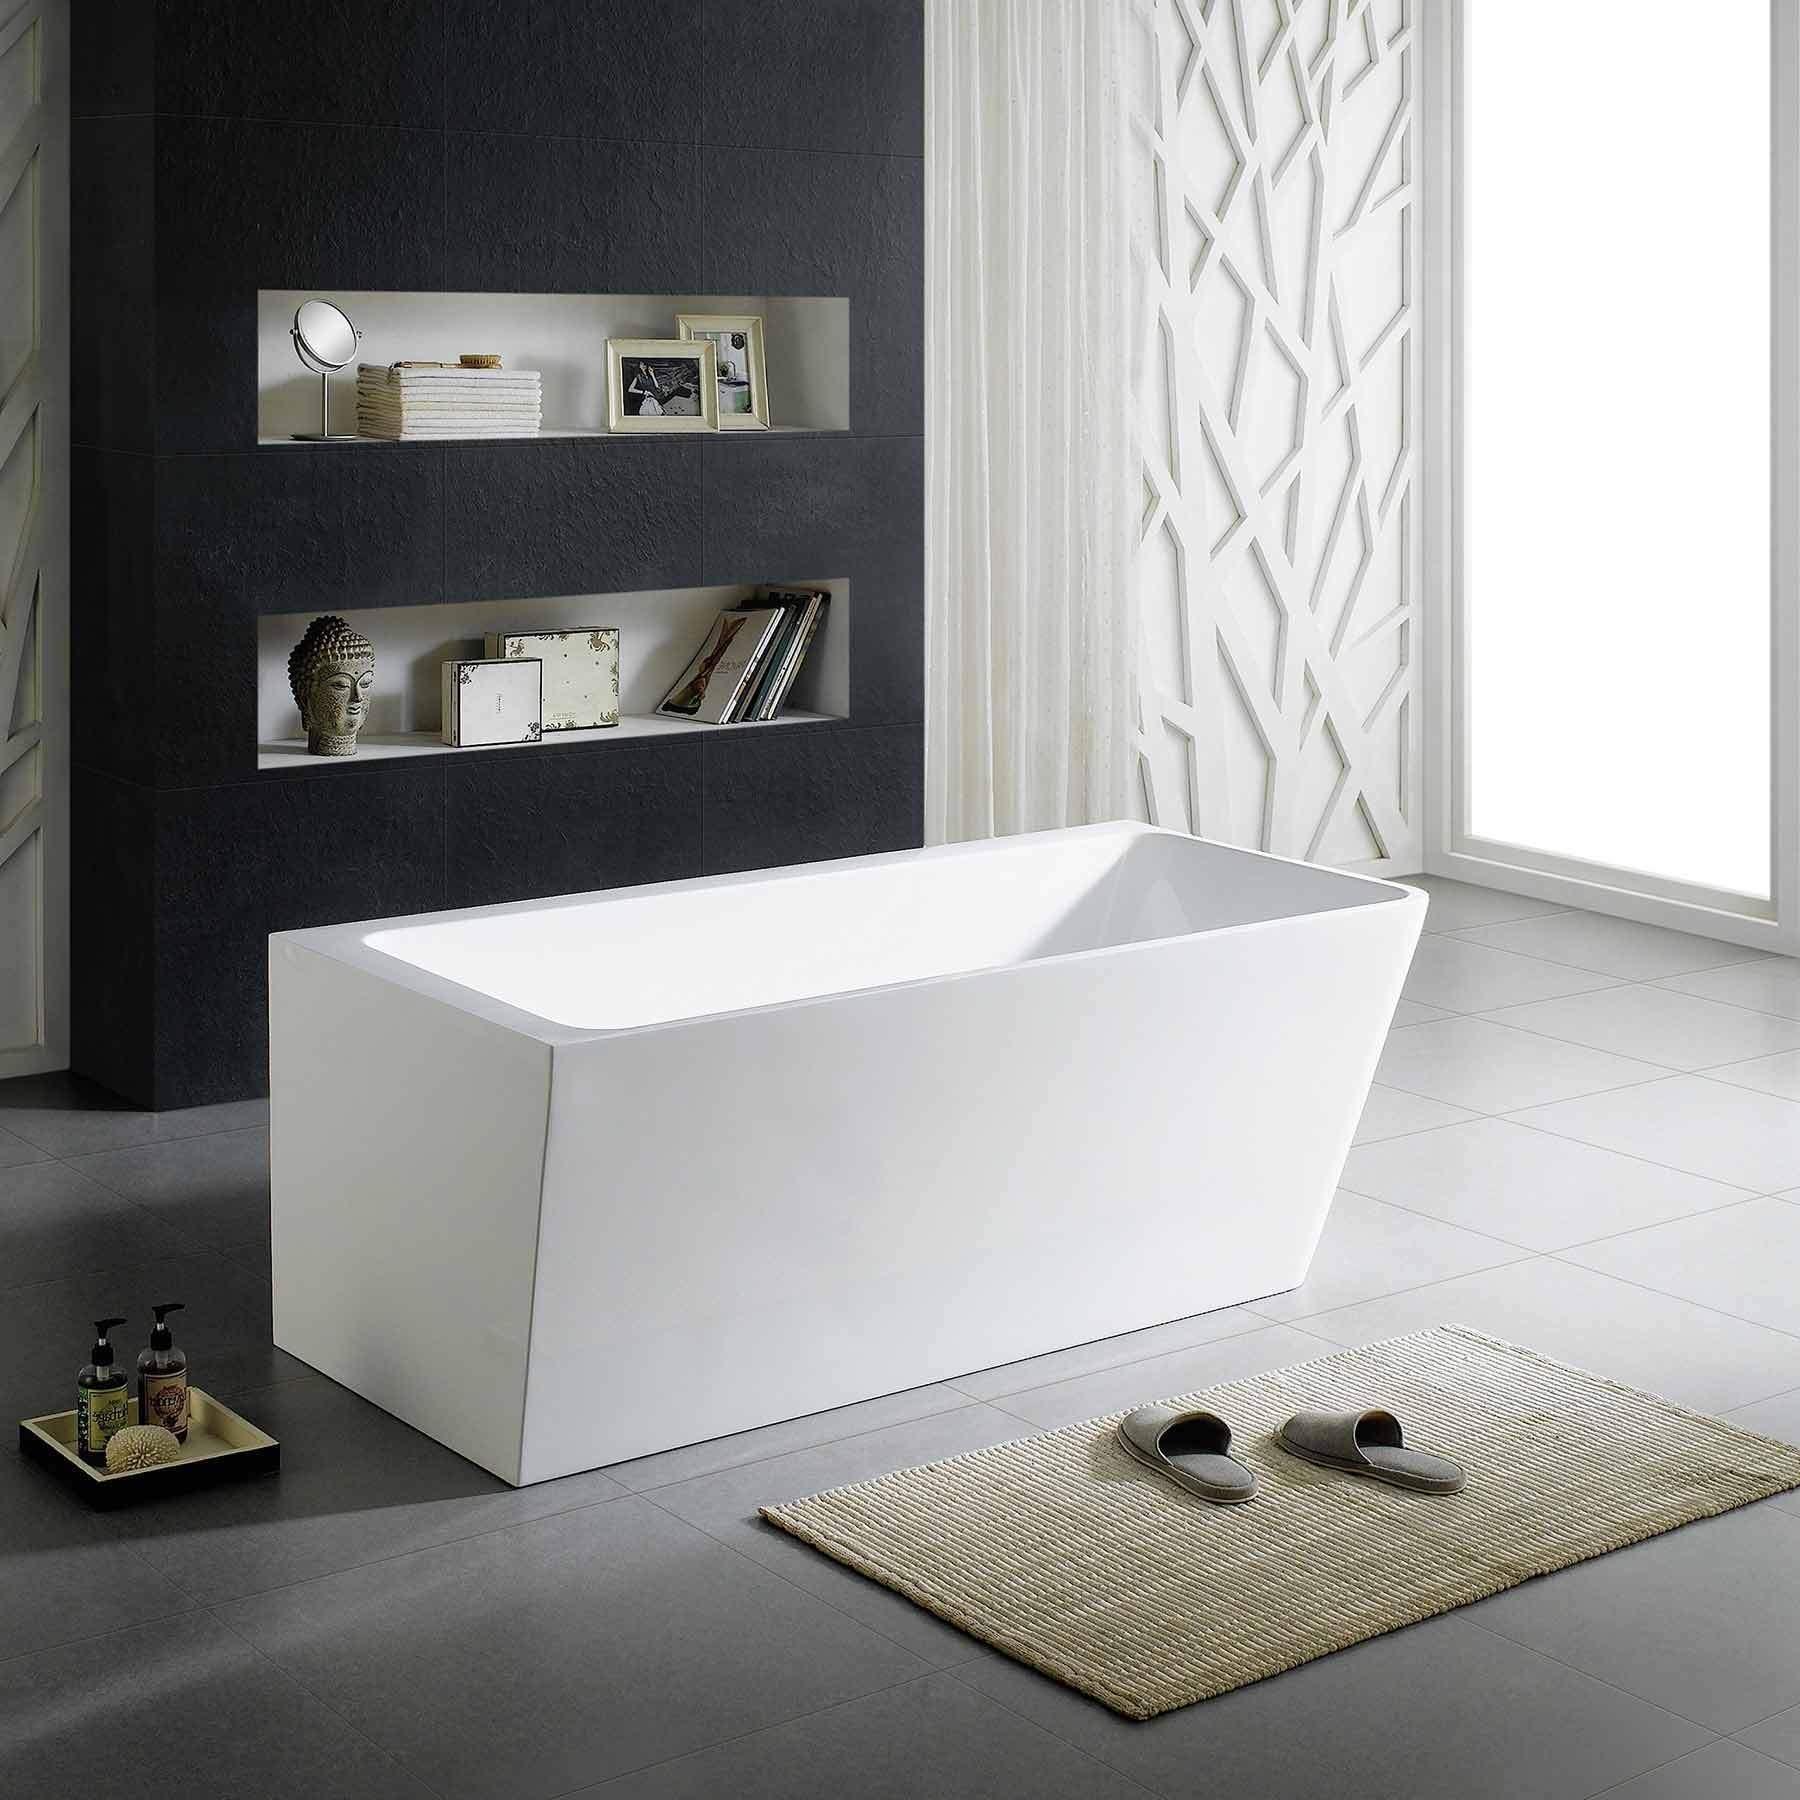 67 vigo acrylic freestanding bathtub modern rectangle - First outlet vigo ...